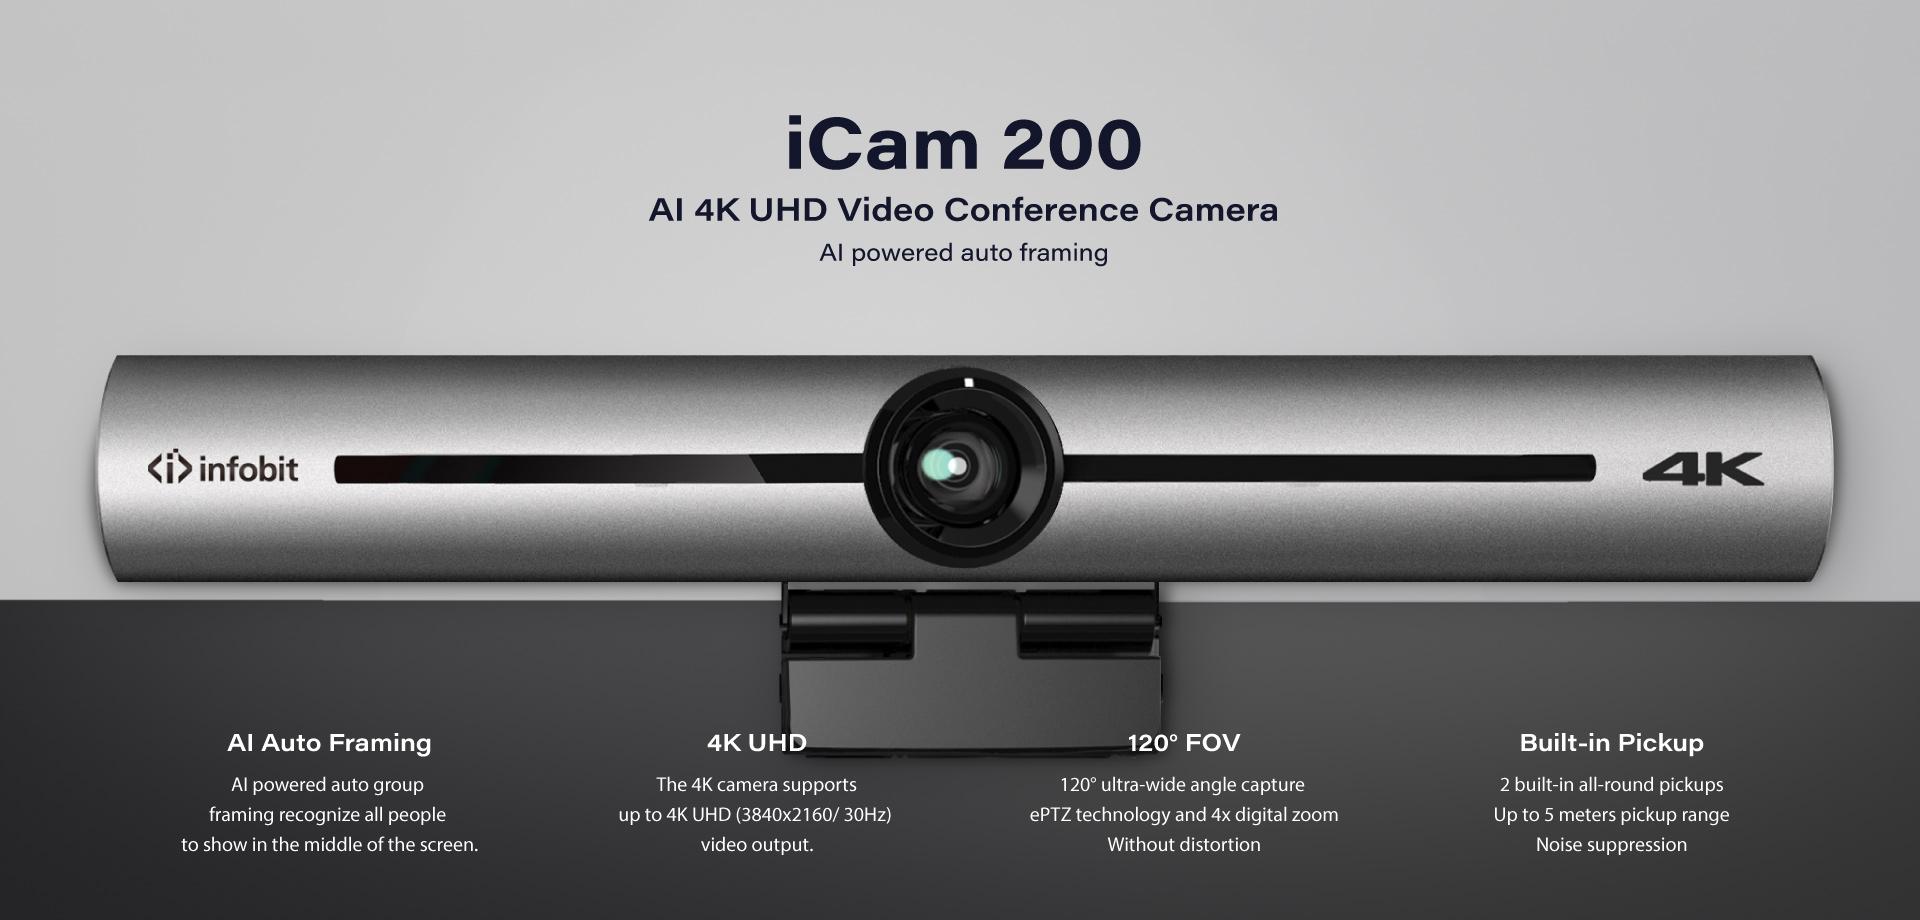 iCam 200 4K USB conference camera